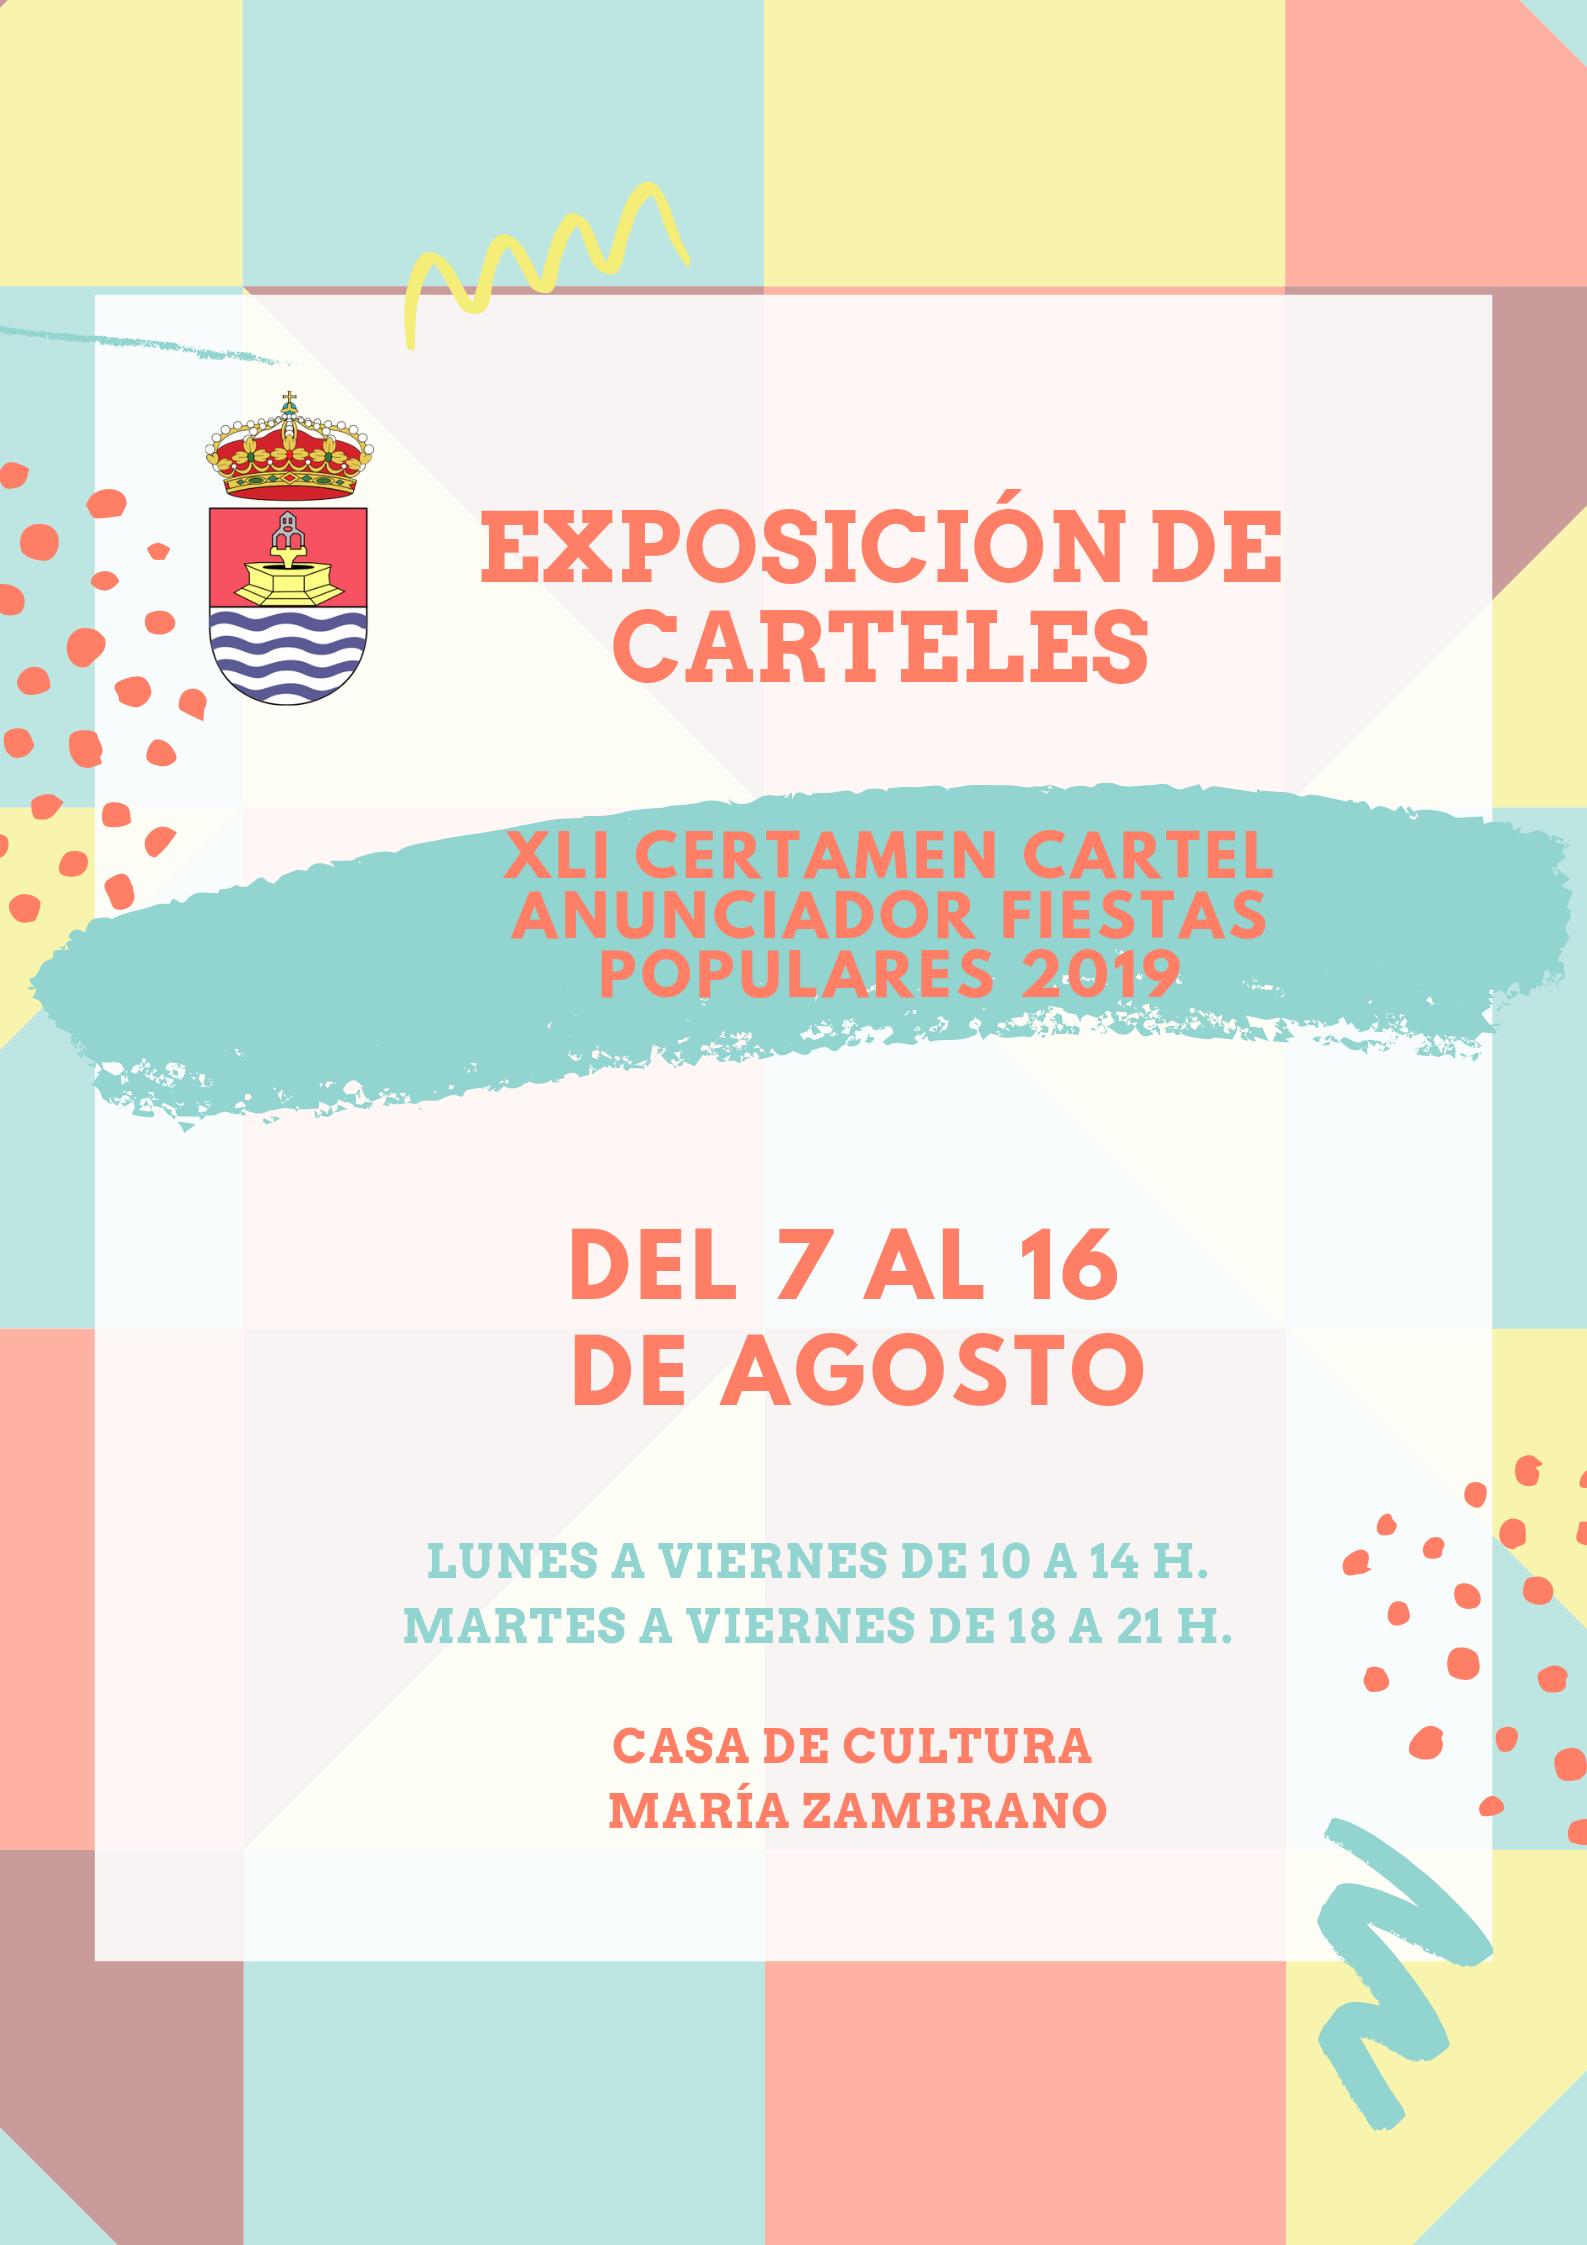 Exposición del XLI Certamen del Cartel Anunciador de las Fiestas Populares de 2019